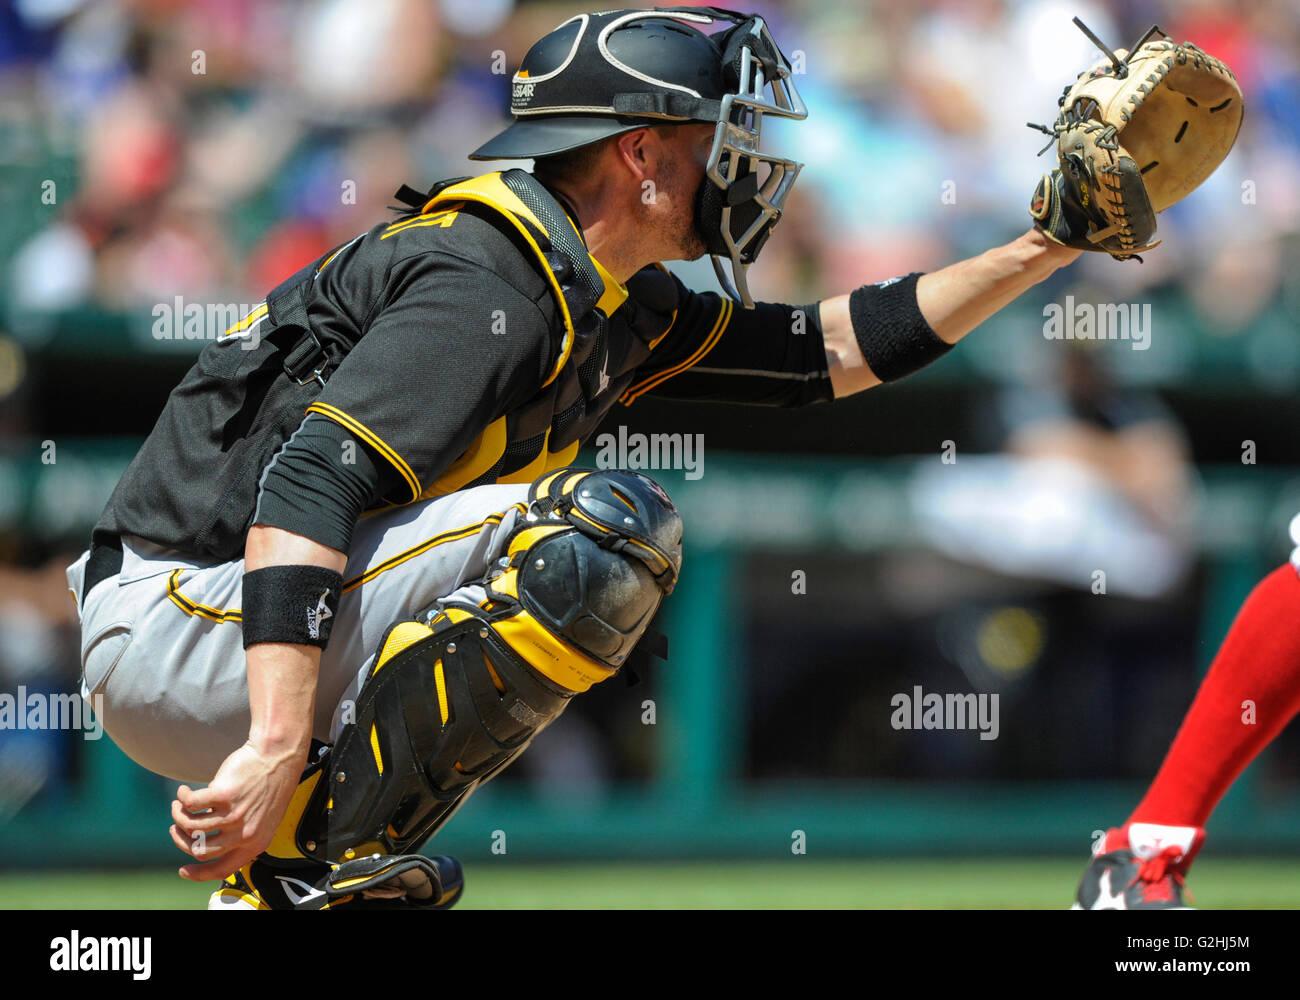 29 maggio 2016: Pittsburgh Pirates catcher Chris Stewart #19 durante una partita MLB tra i pirati di Pittsburgh Immagini Stock